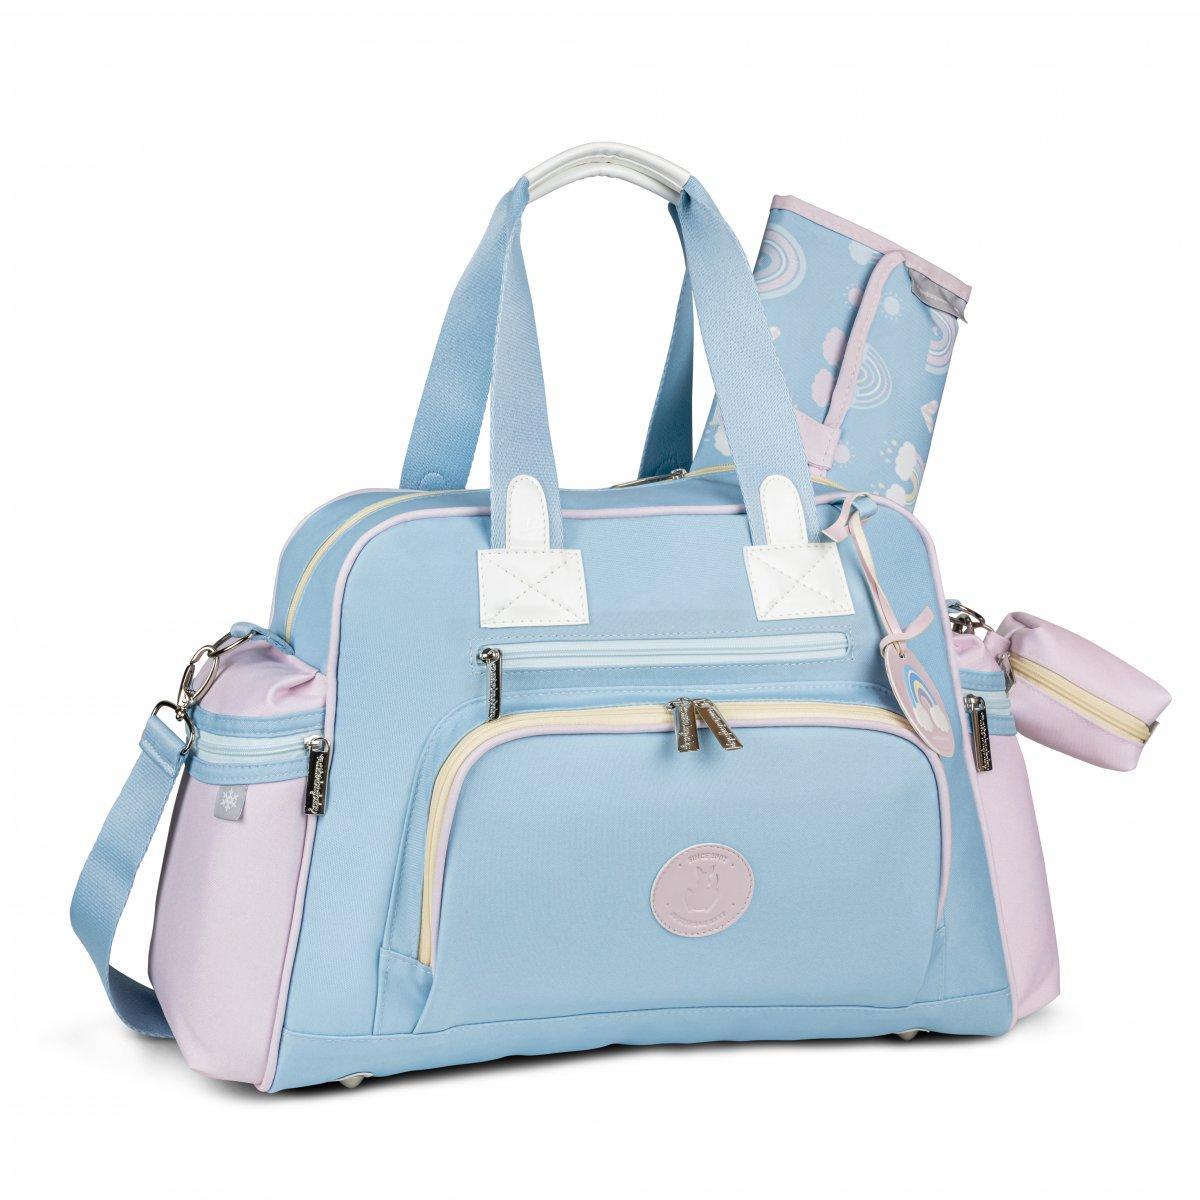 Bolsa Maternidade Everyday com Bolso Térmico Colors Masterbag   Cor: Azul